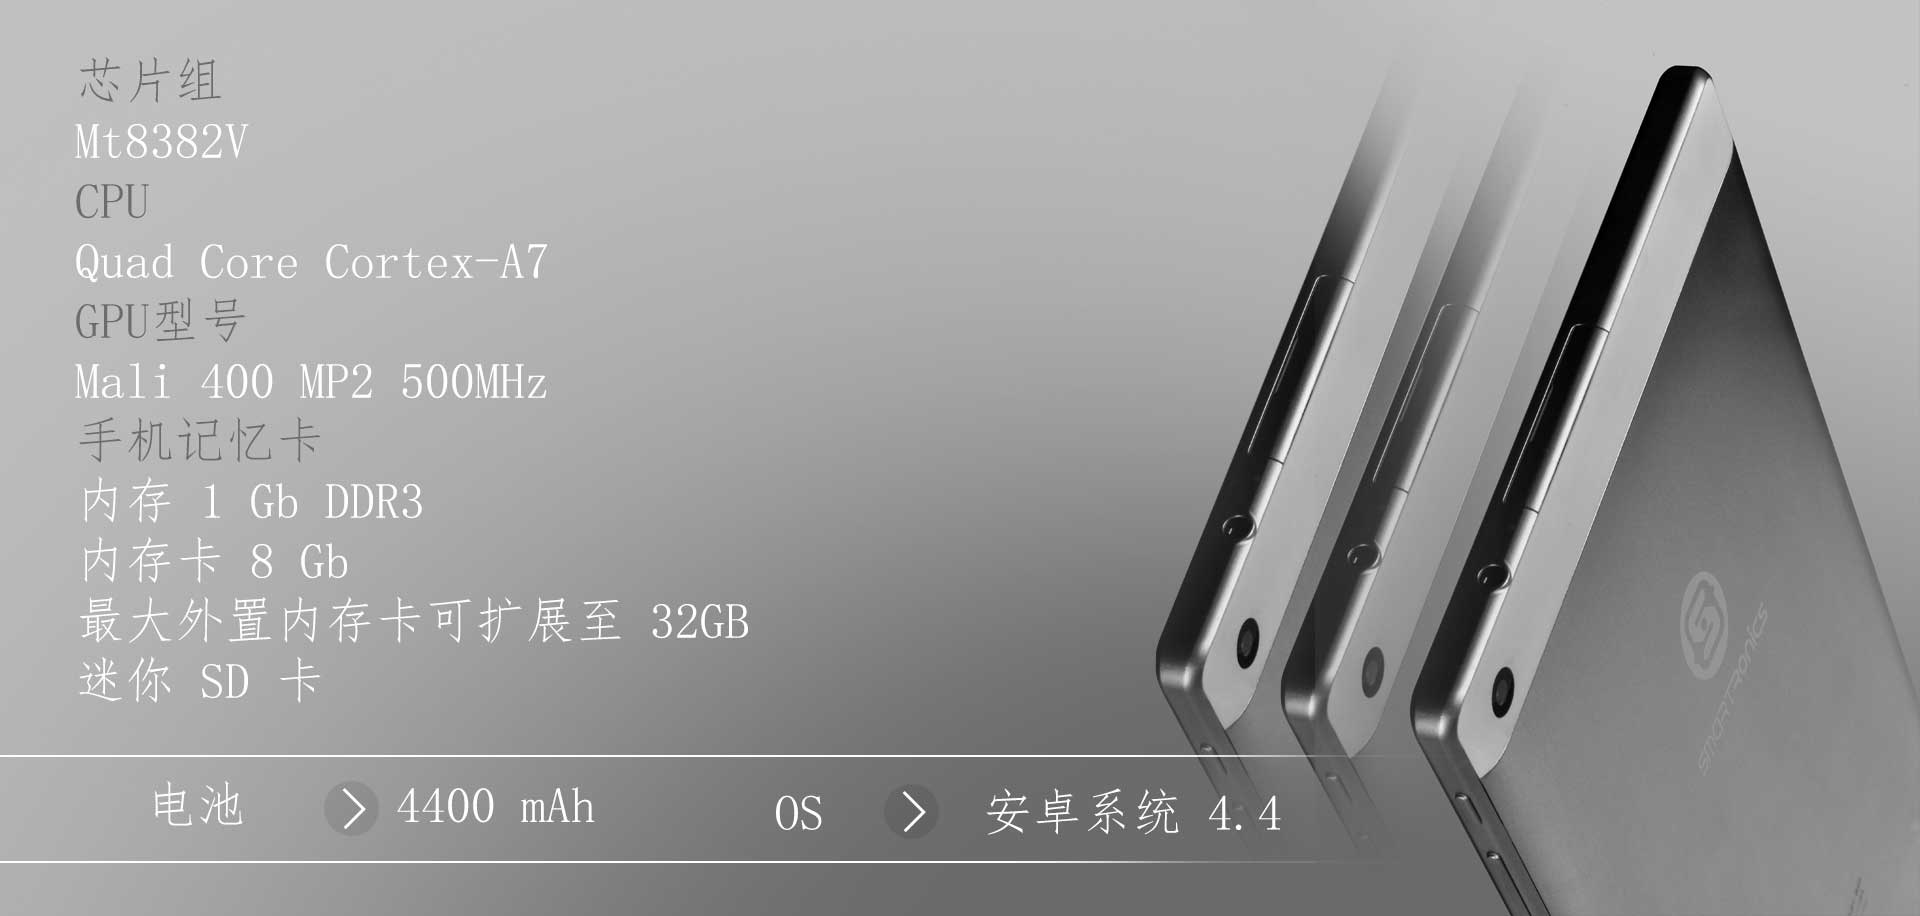 chipset-etc-852